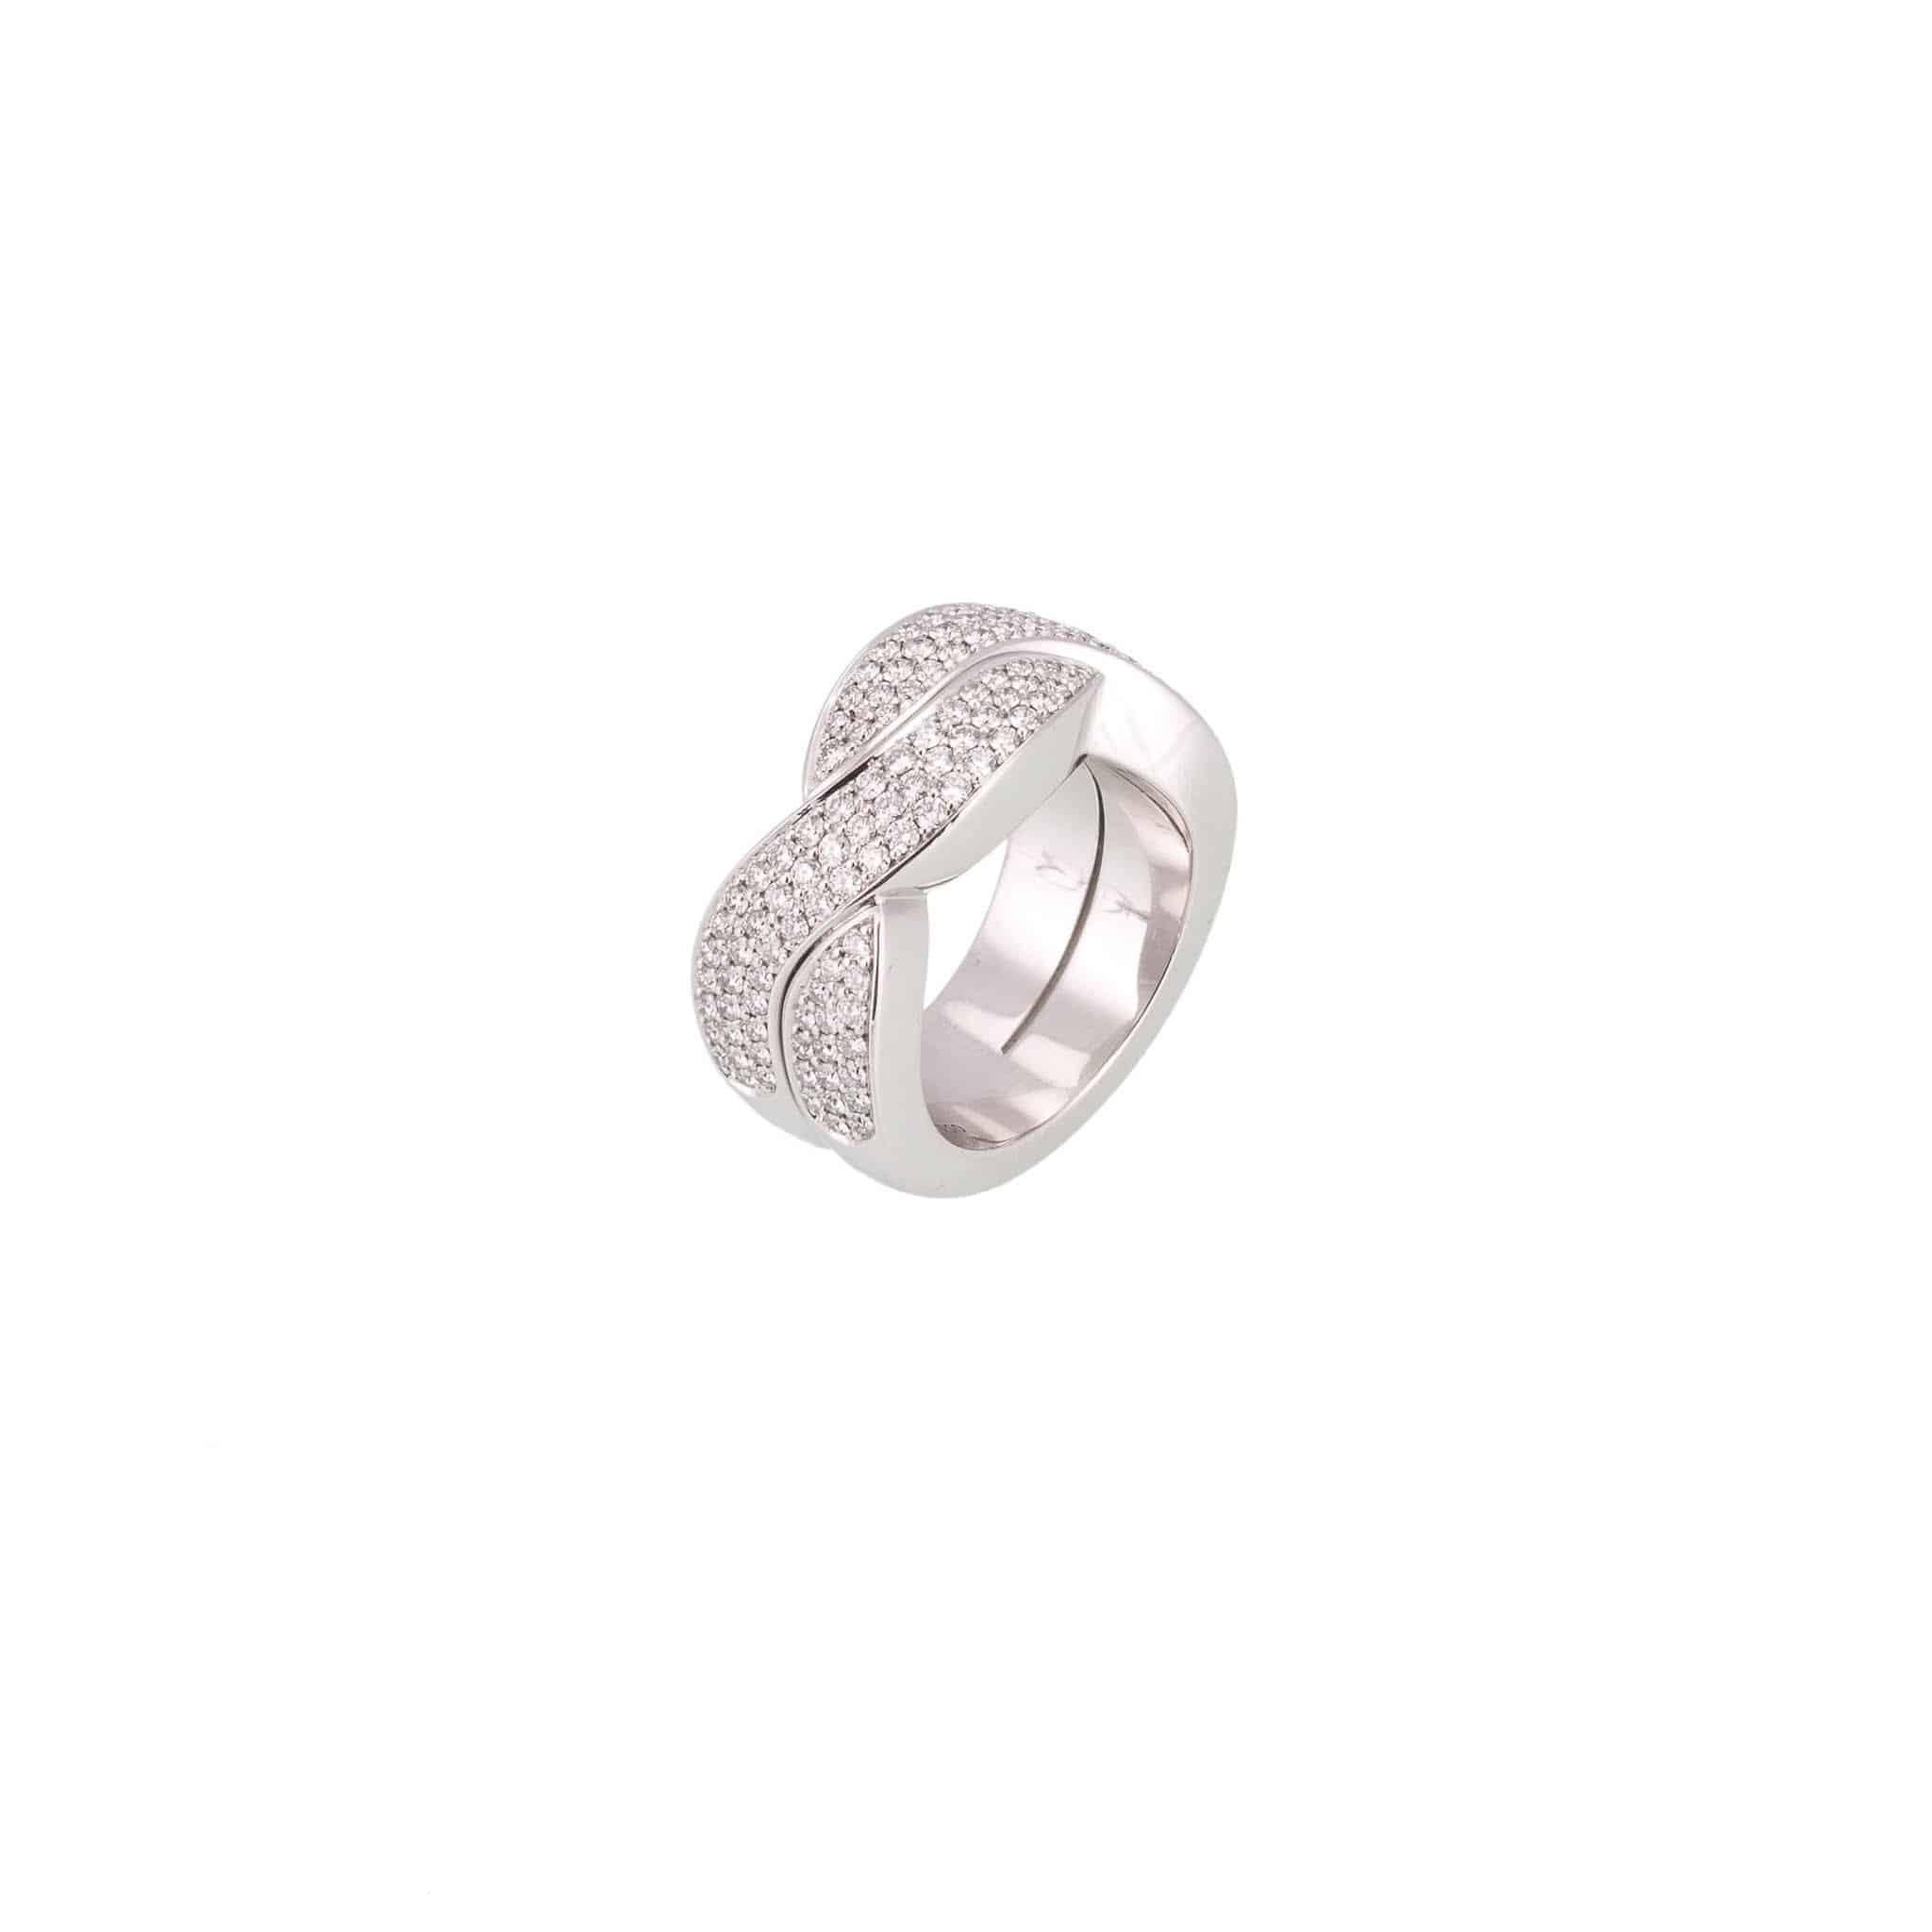 Goldschmiede Hofacker Ring Lovestory